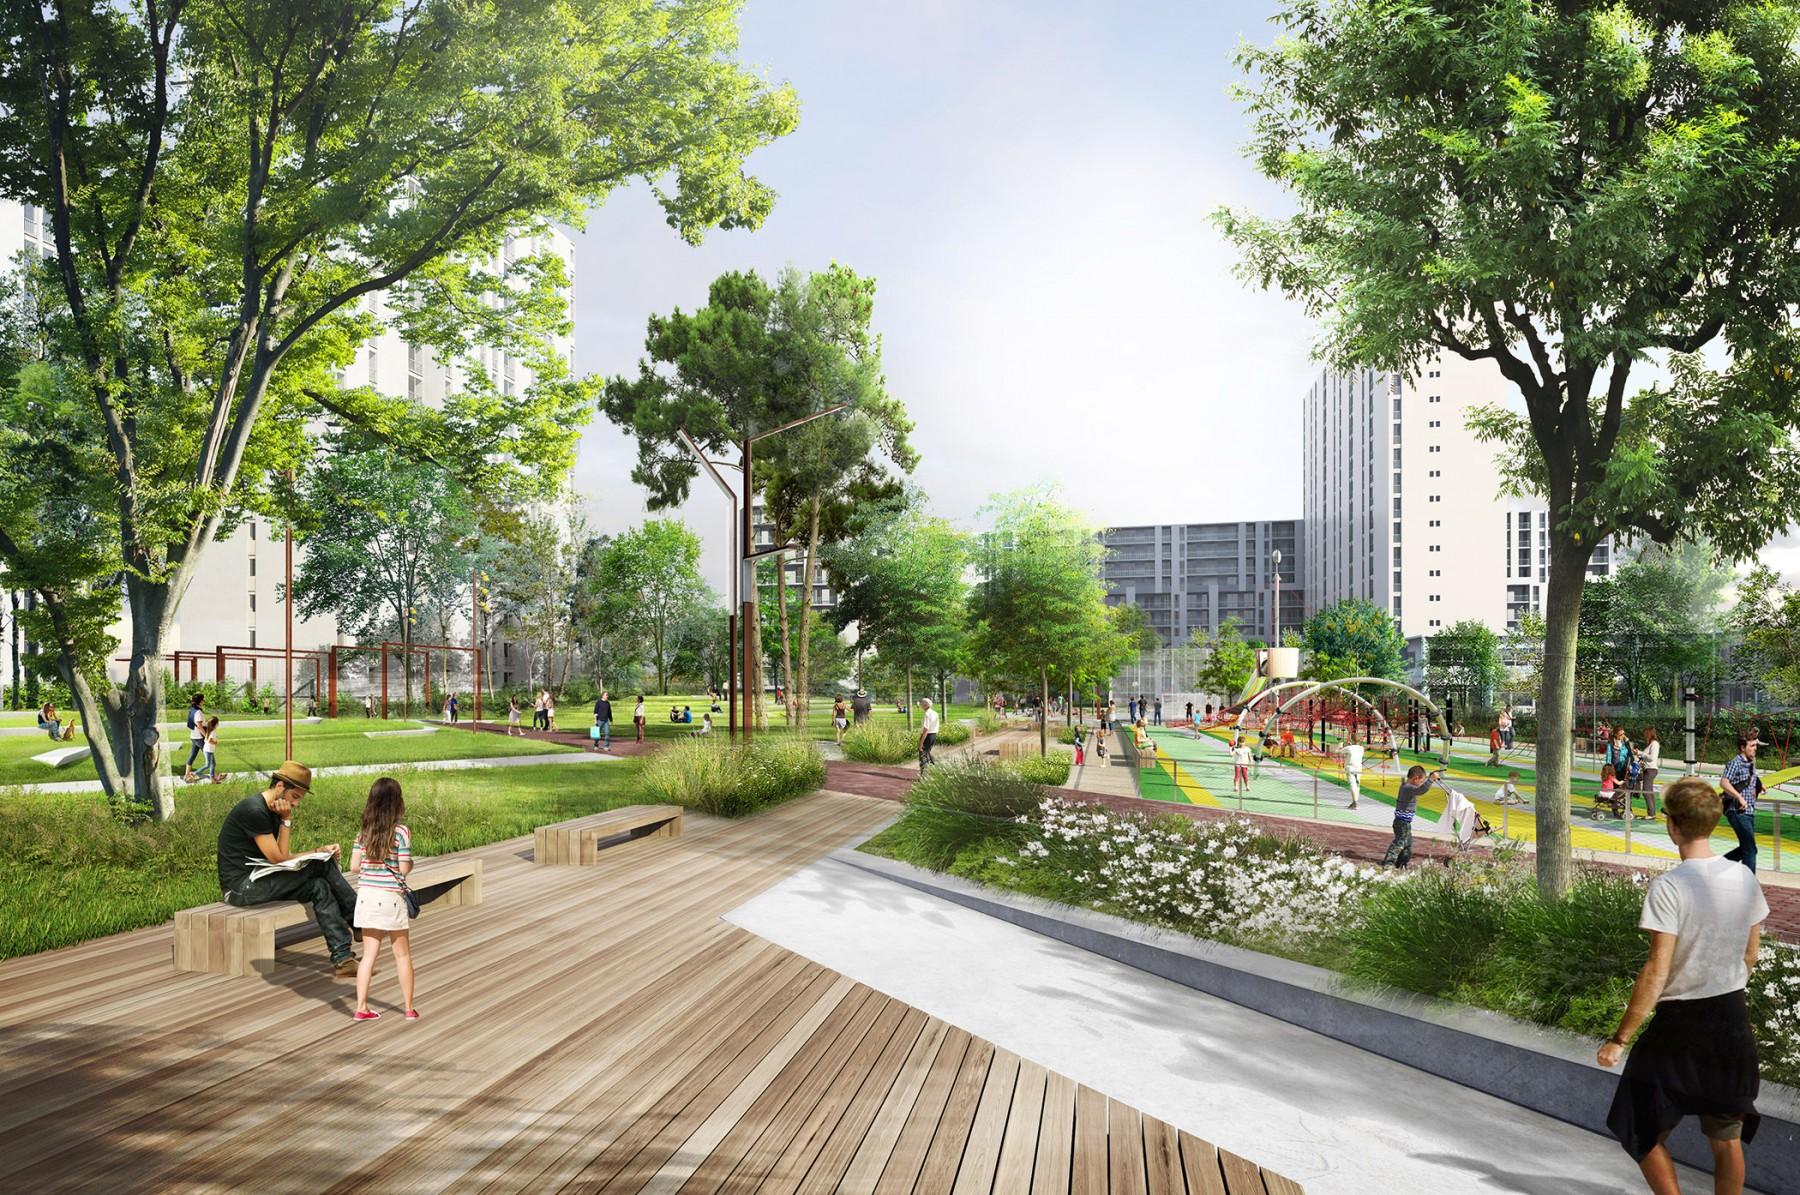 Parc diderot la compagnie du paysage for Architecture des jardins et du paysage